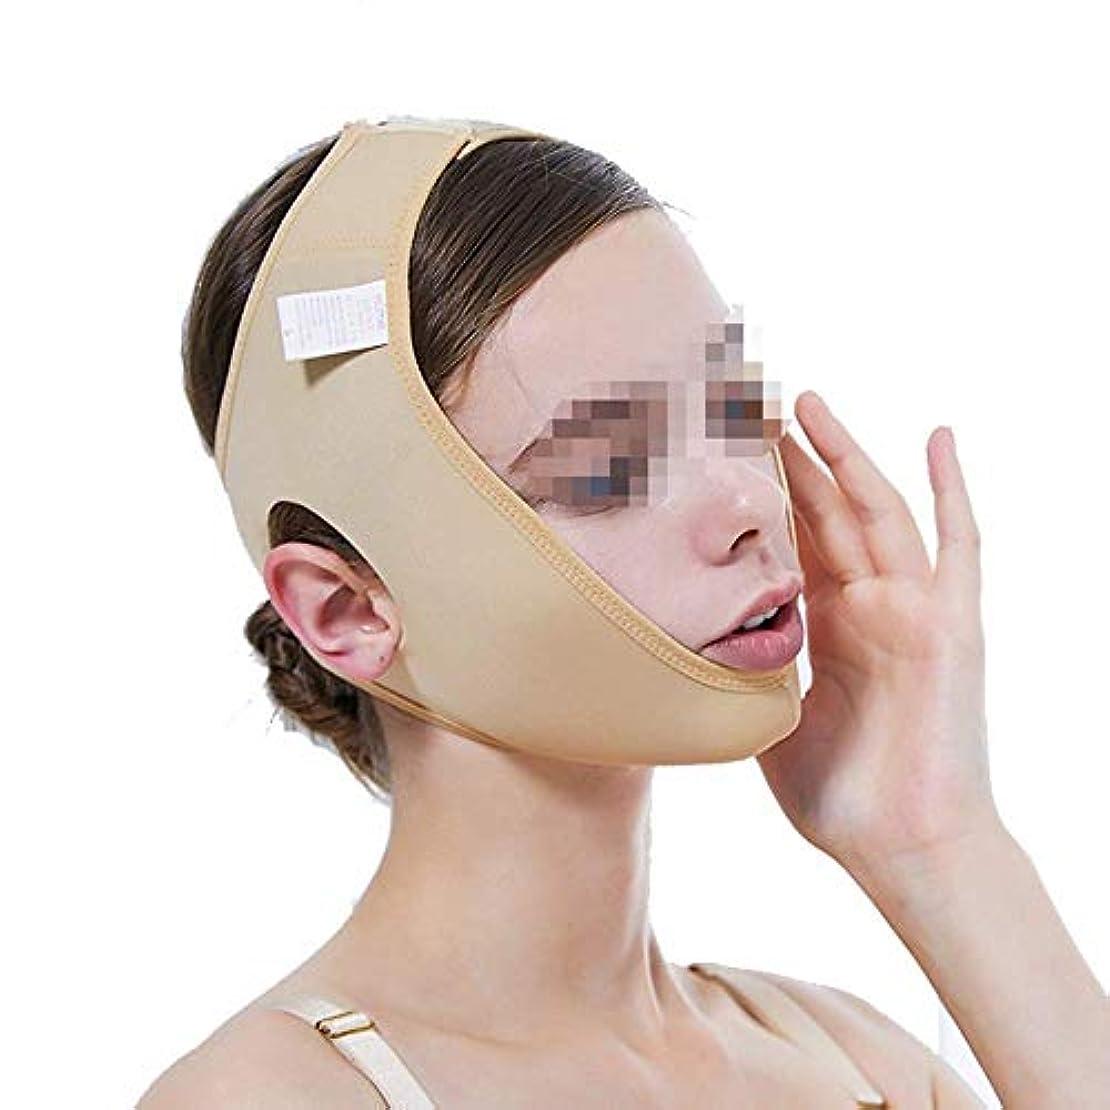 術後ヘッドギア、薄型ダブルあごVフェイスビームフェイスジョーセットフェイスマスクマルチサイズオプション(サイズ:XS),S